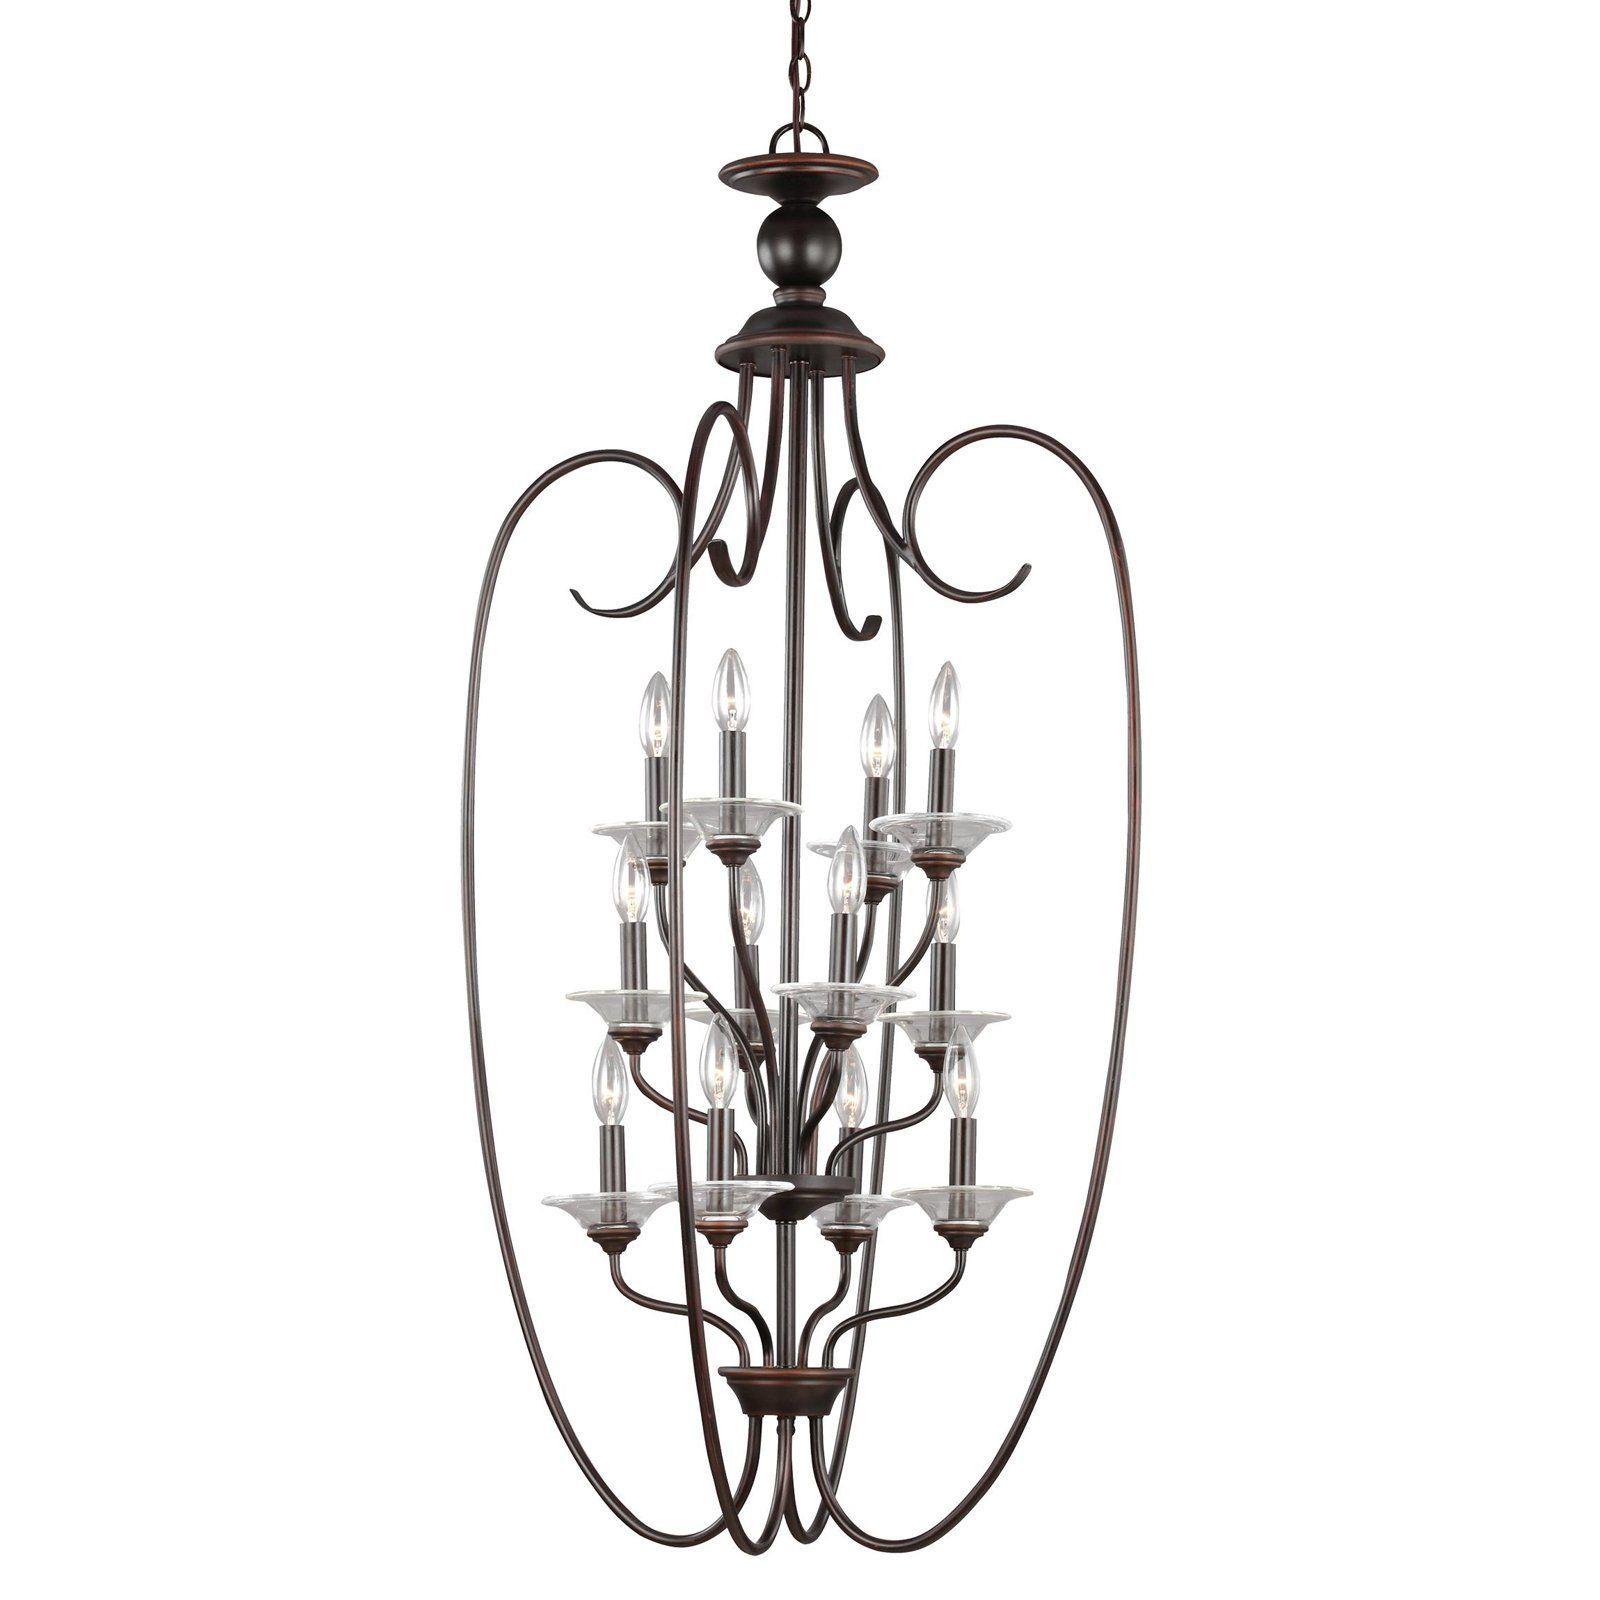 Sea Gull Lighting Lemont 51318 12-Light Hall / Foyer Light - 51318-710